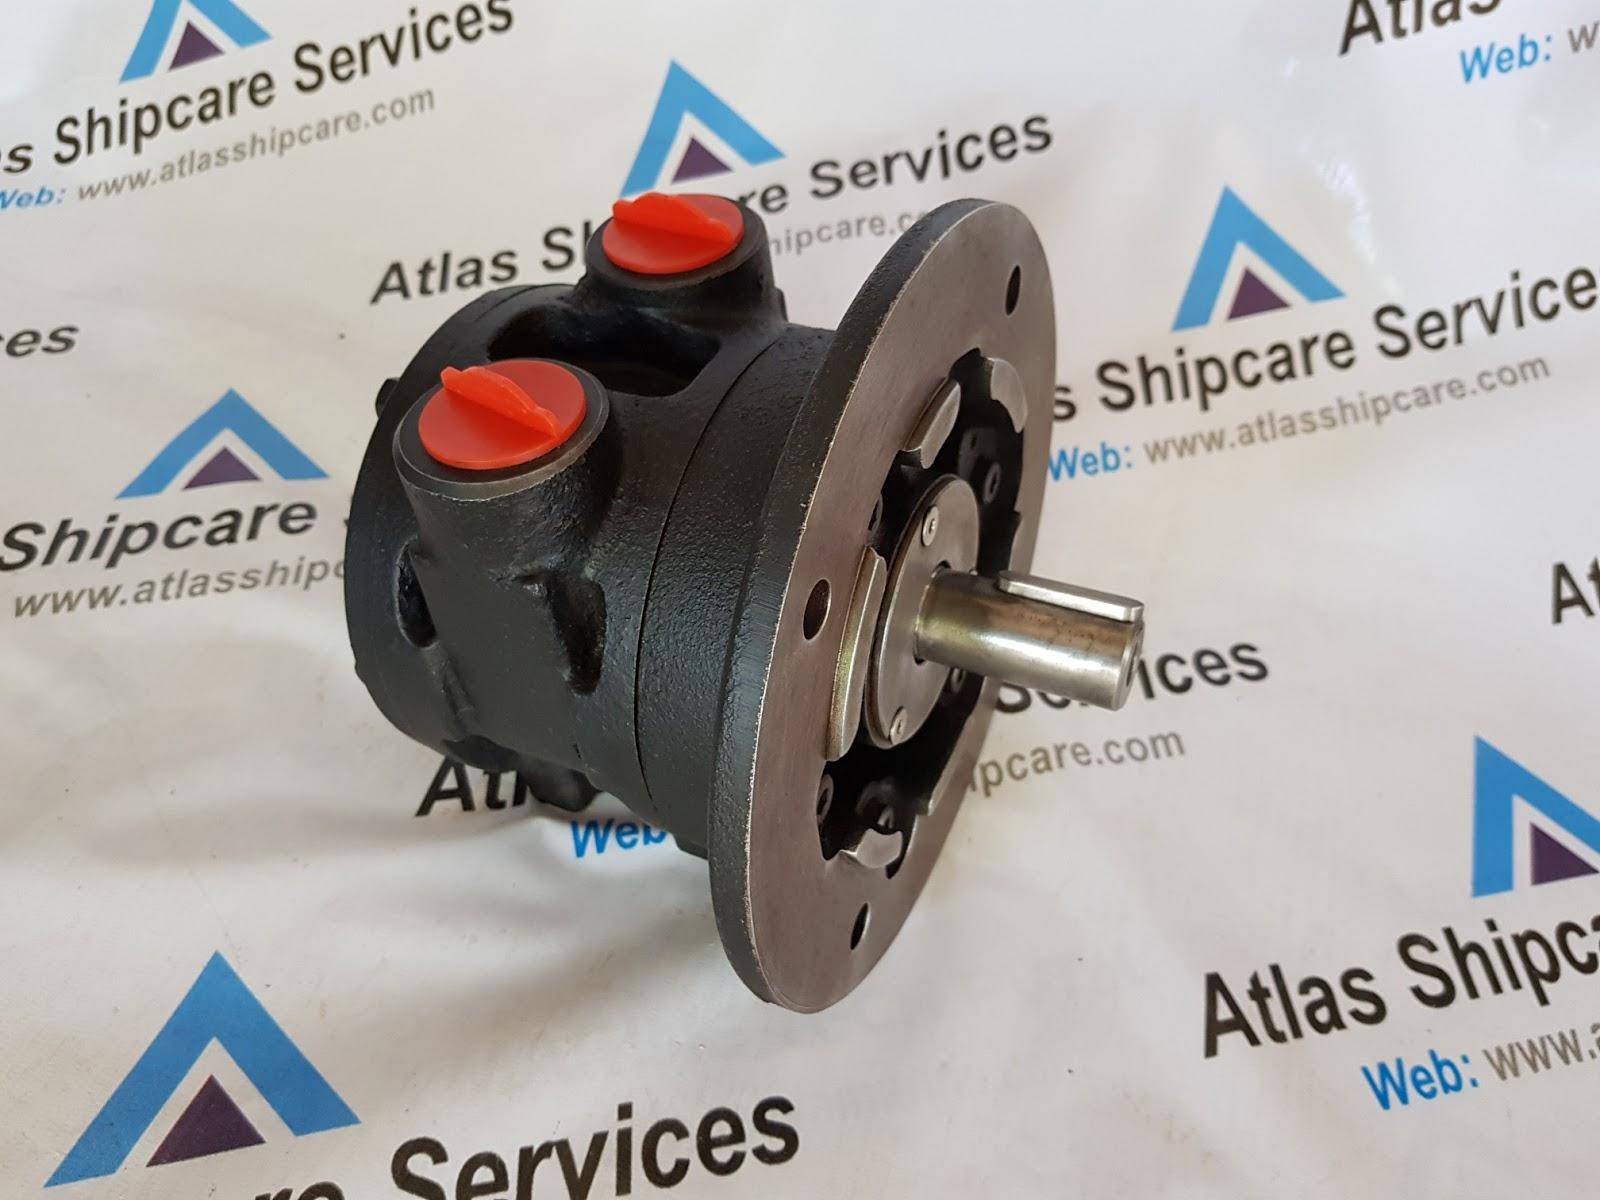 medium resolution of gast air motor 8am nrv 70